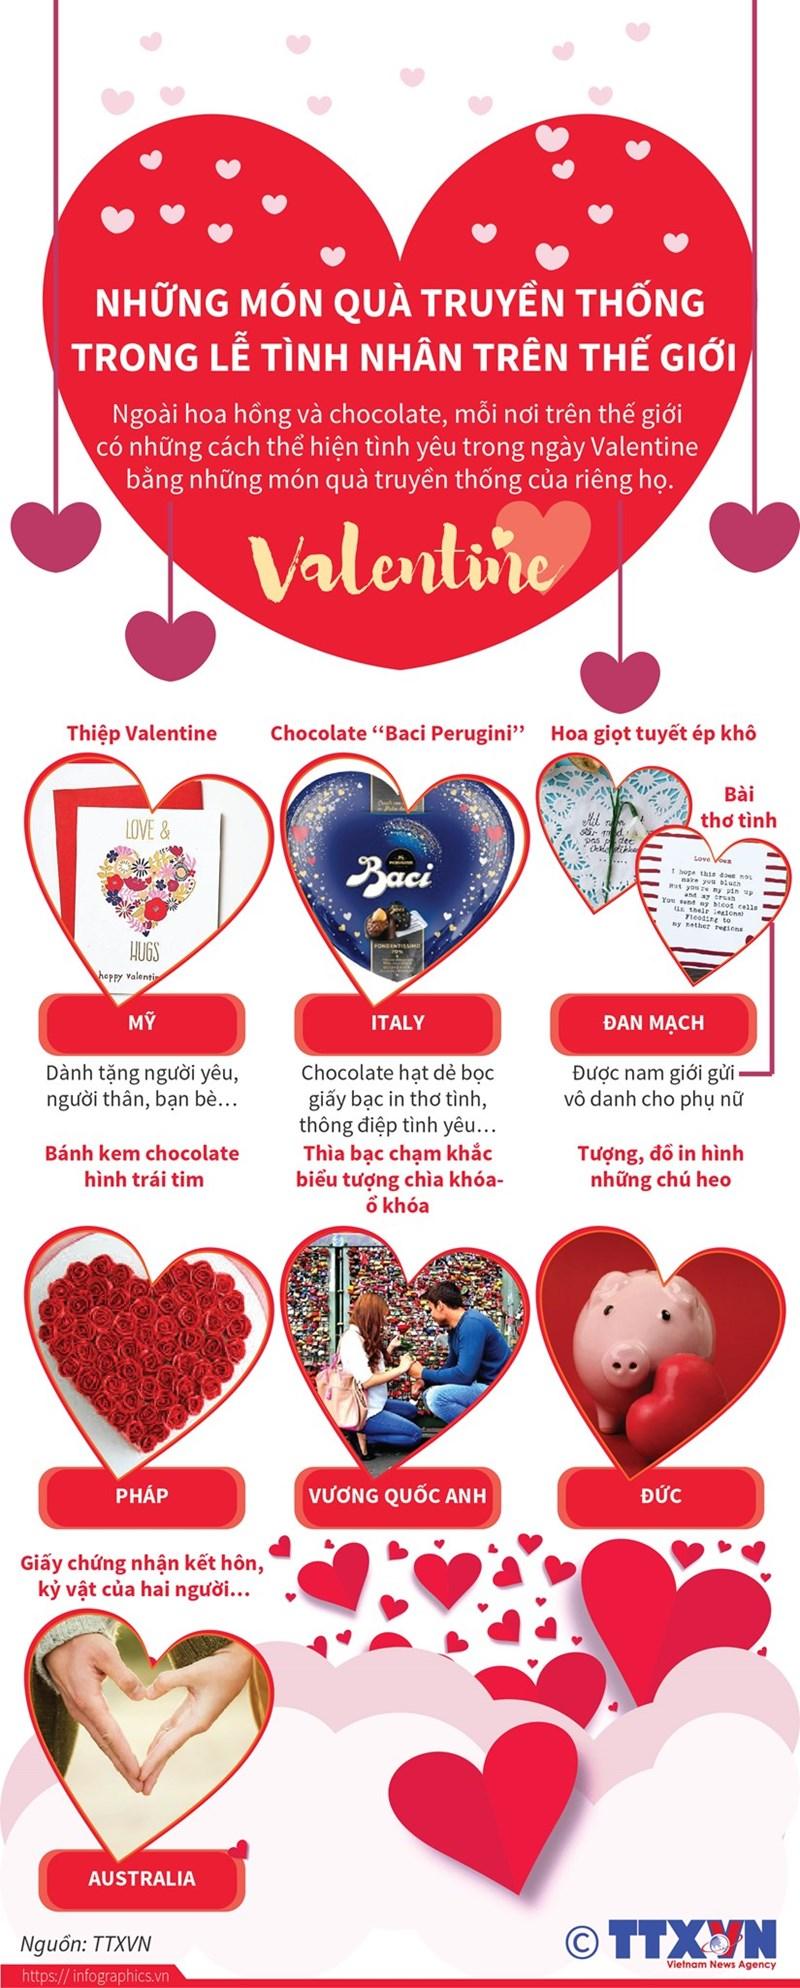 [Infographics] Những món quà truyền thống lễ tình nhân trên thế giới - Ảnh 1